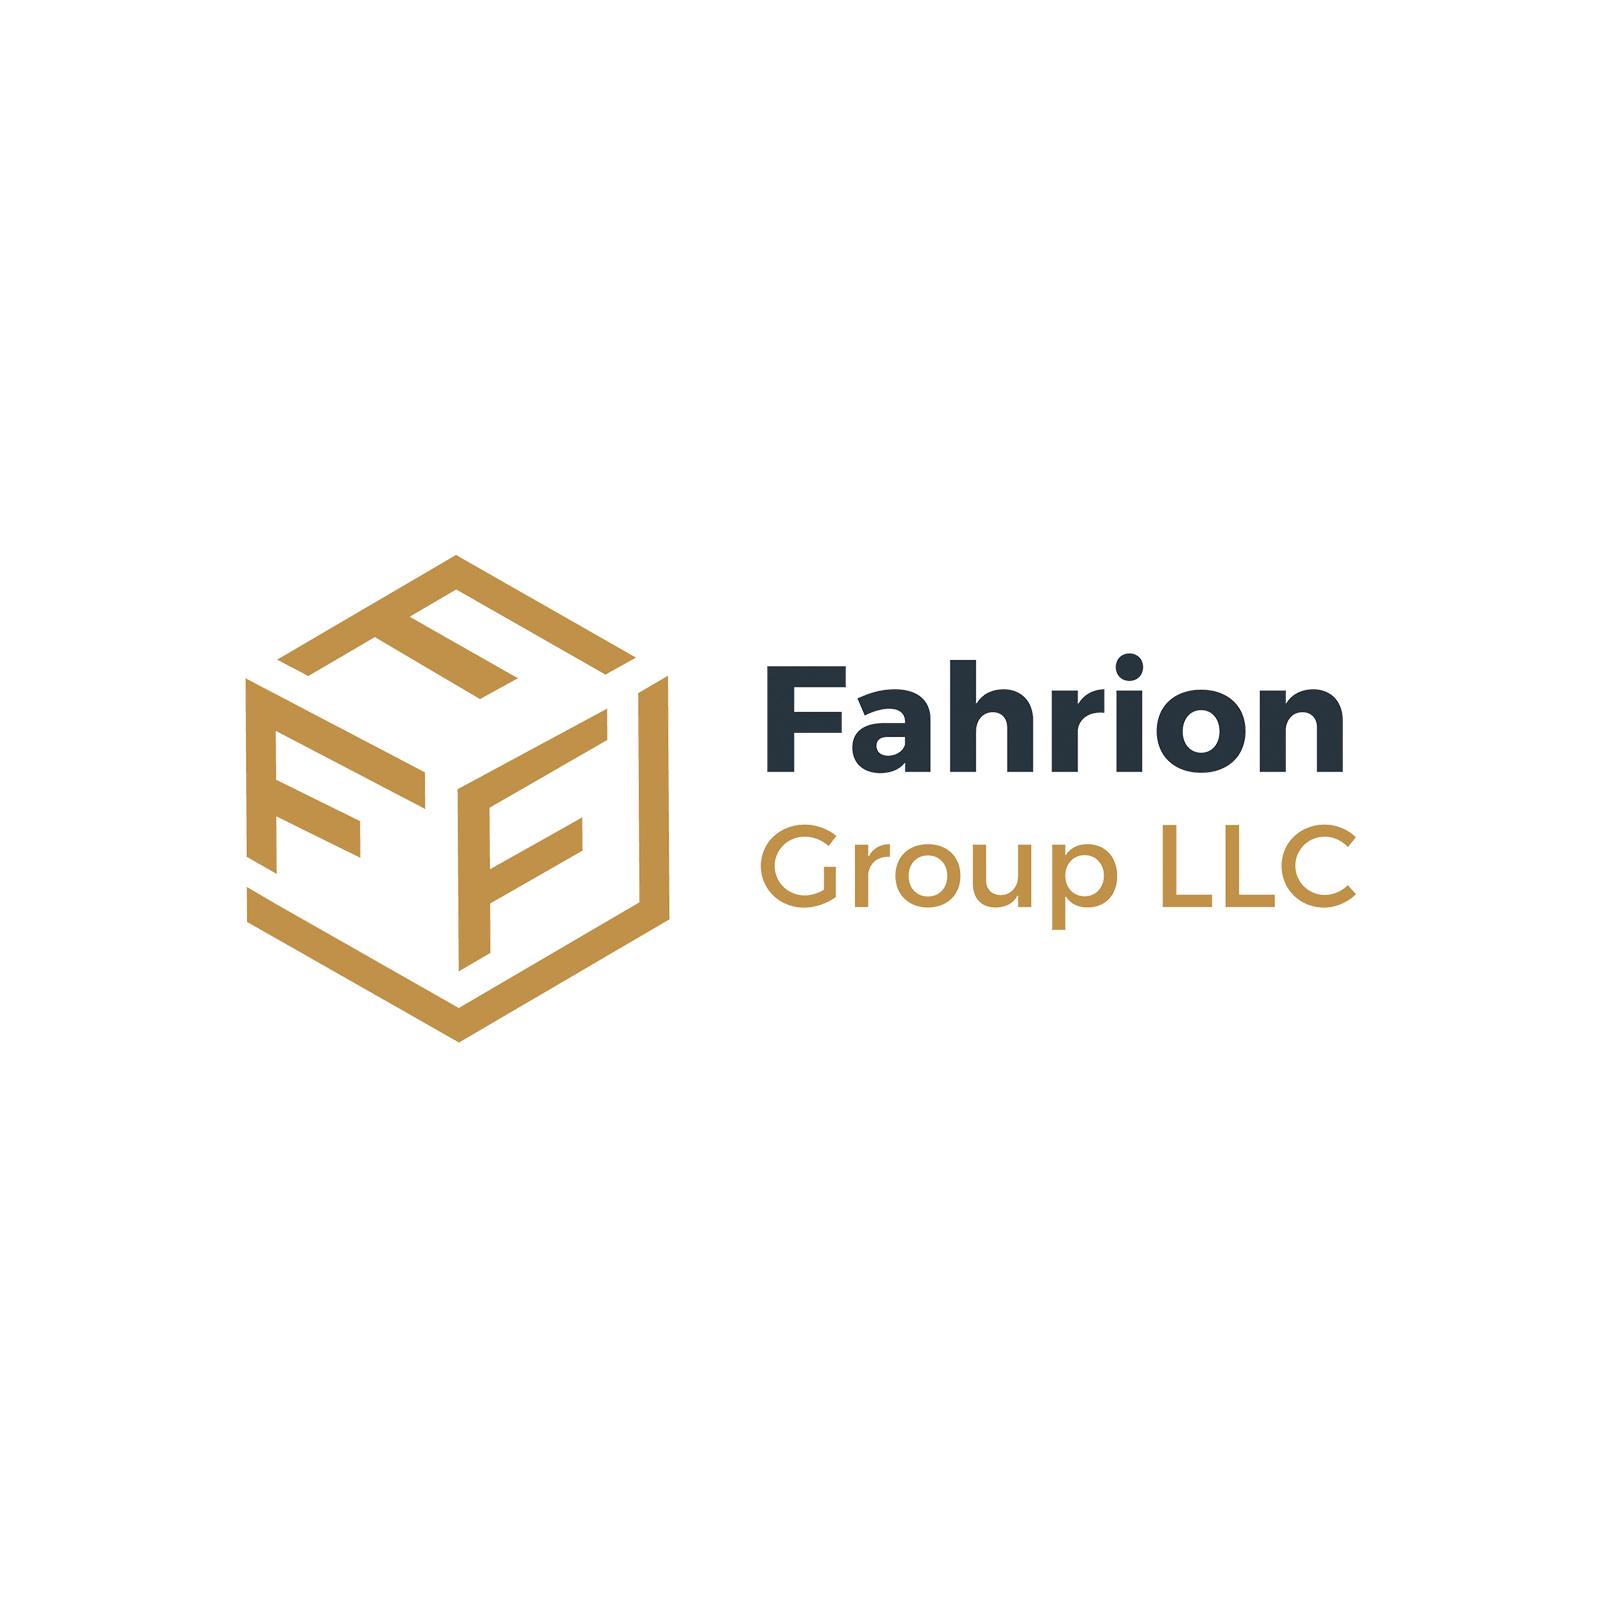 Fahrion Group LLC